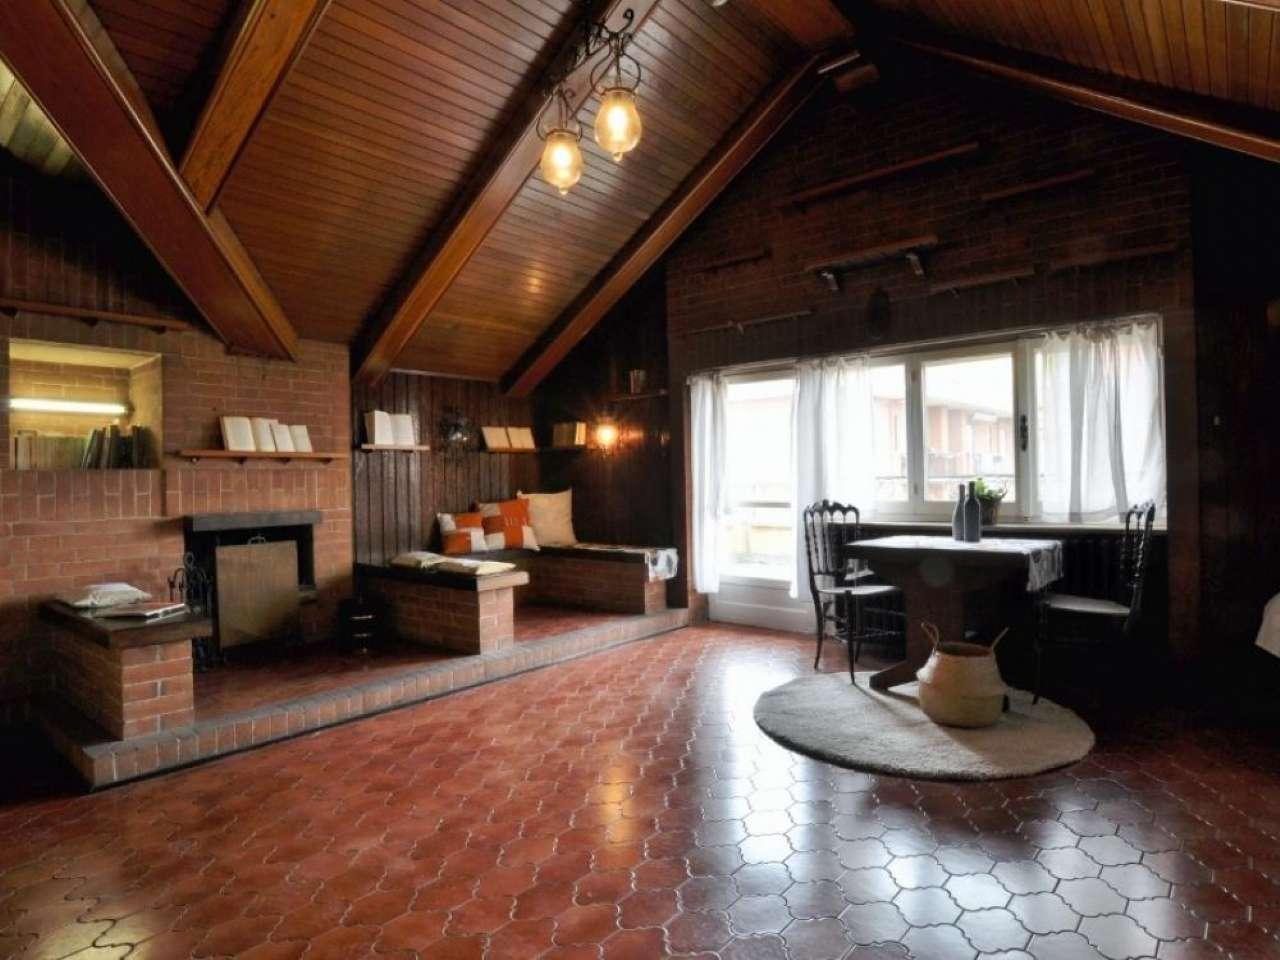 Foto 1 di Appartamento via PASTRENGO, Moncalieri